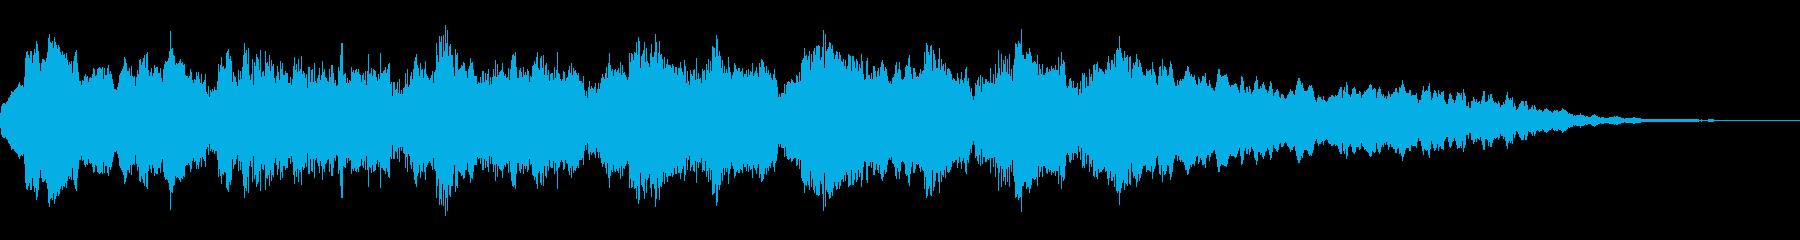 やすらぎを与える、ゆったりとしたフレーズの再生済みの波形